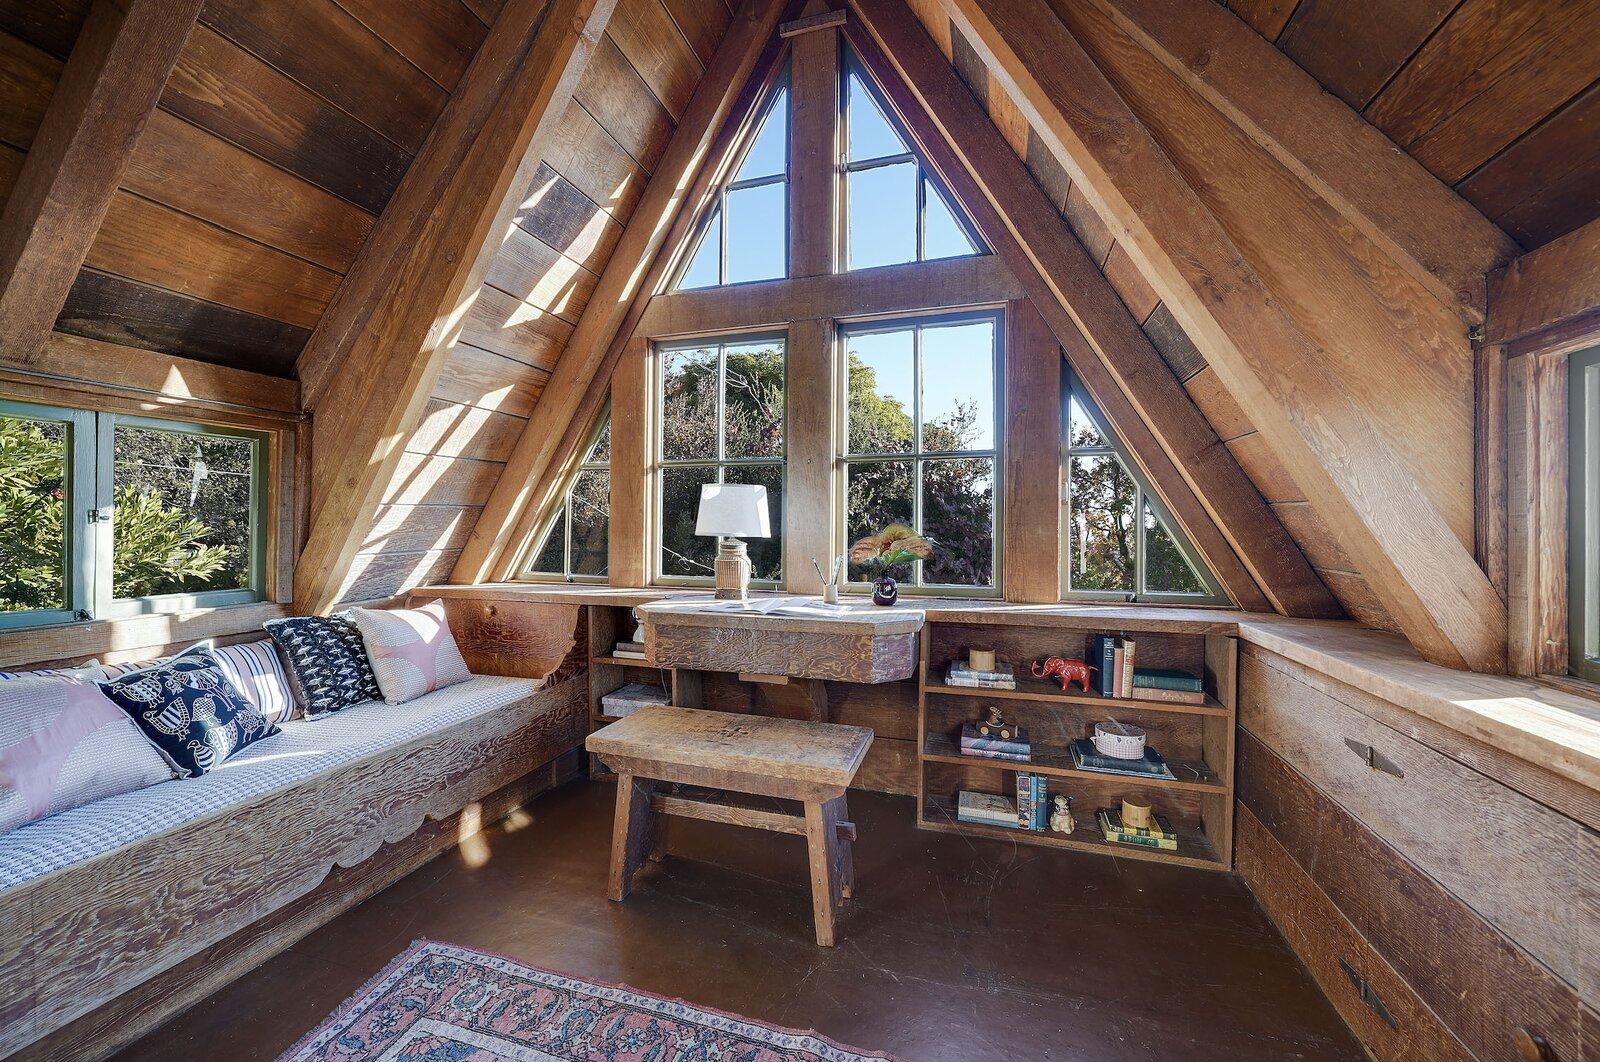 Ericsson-Bray House secret room